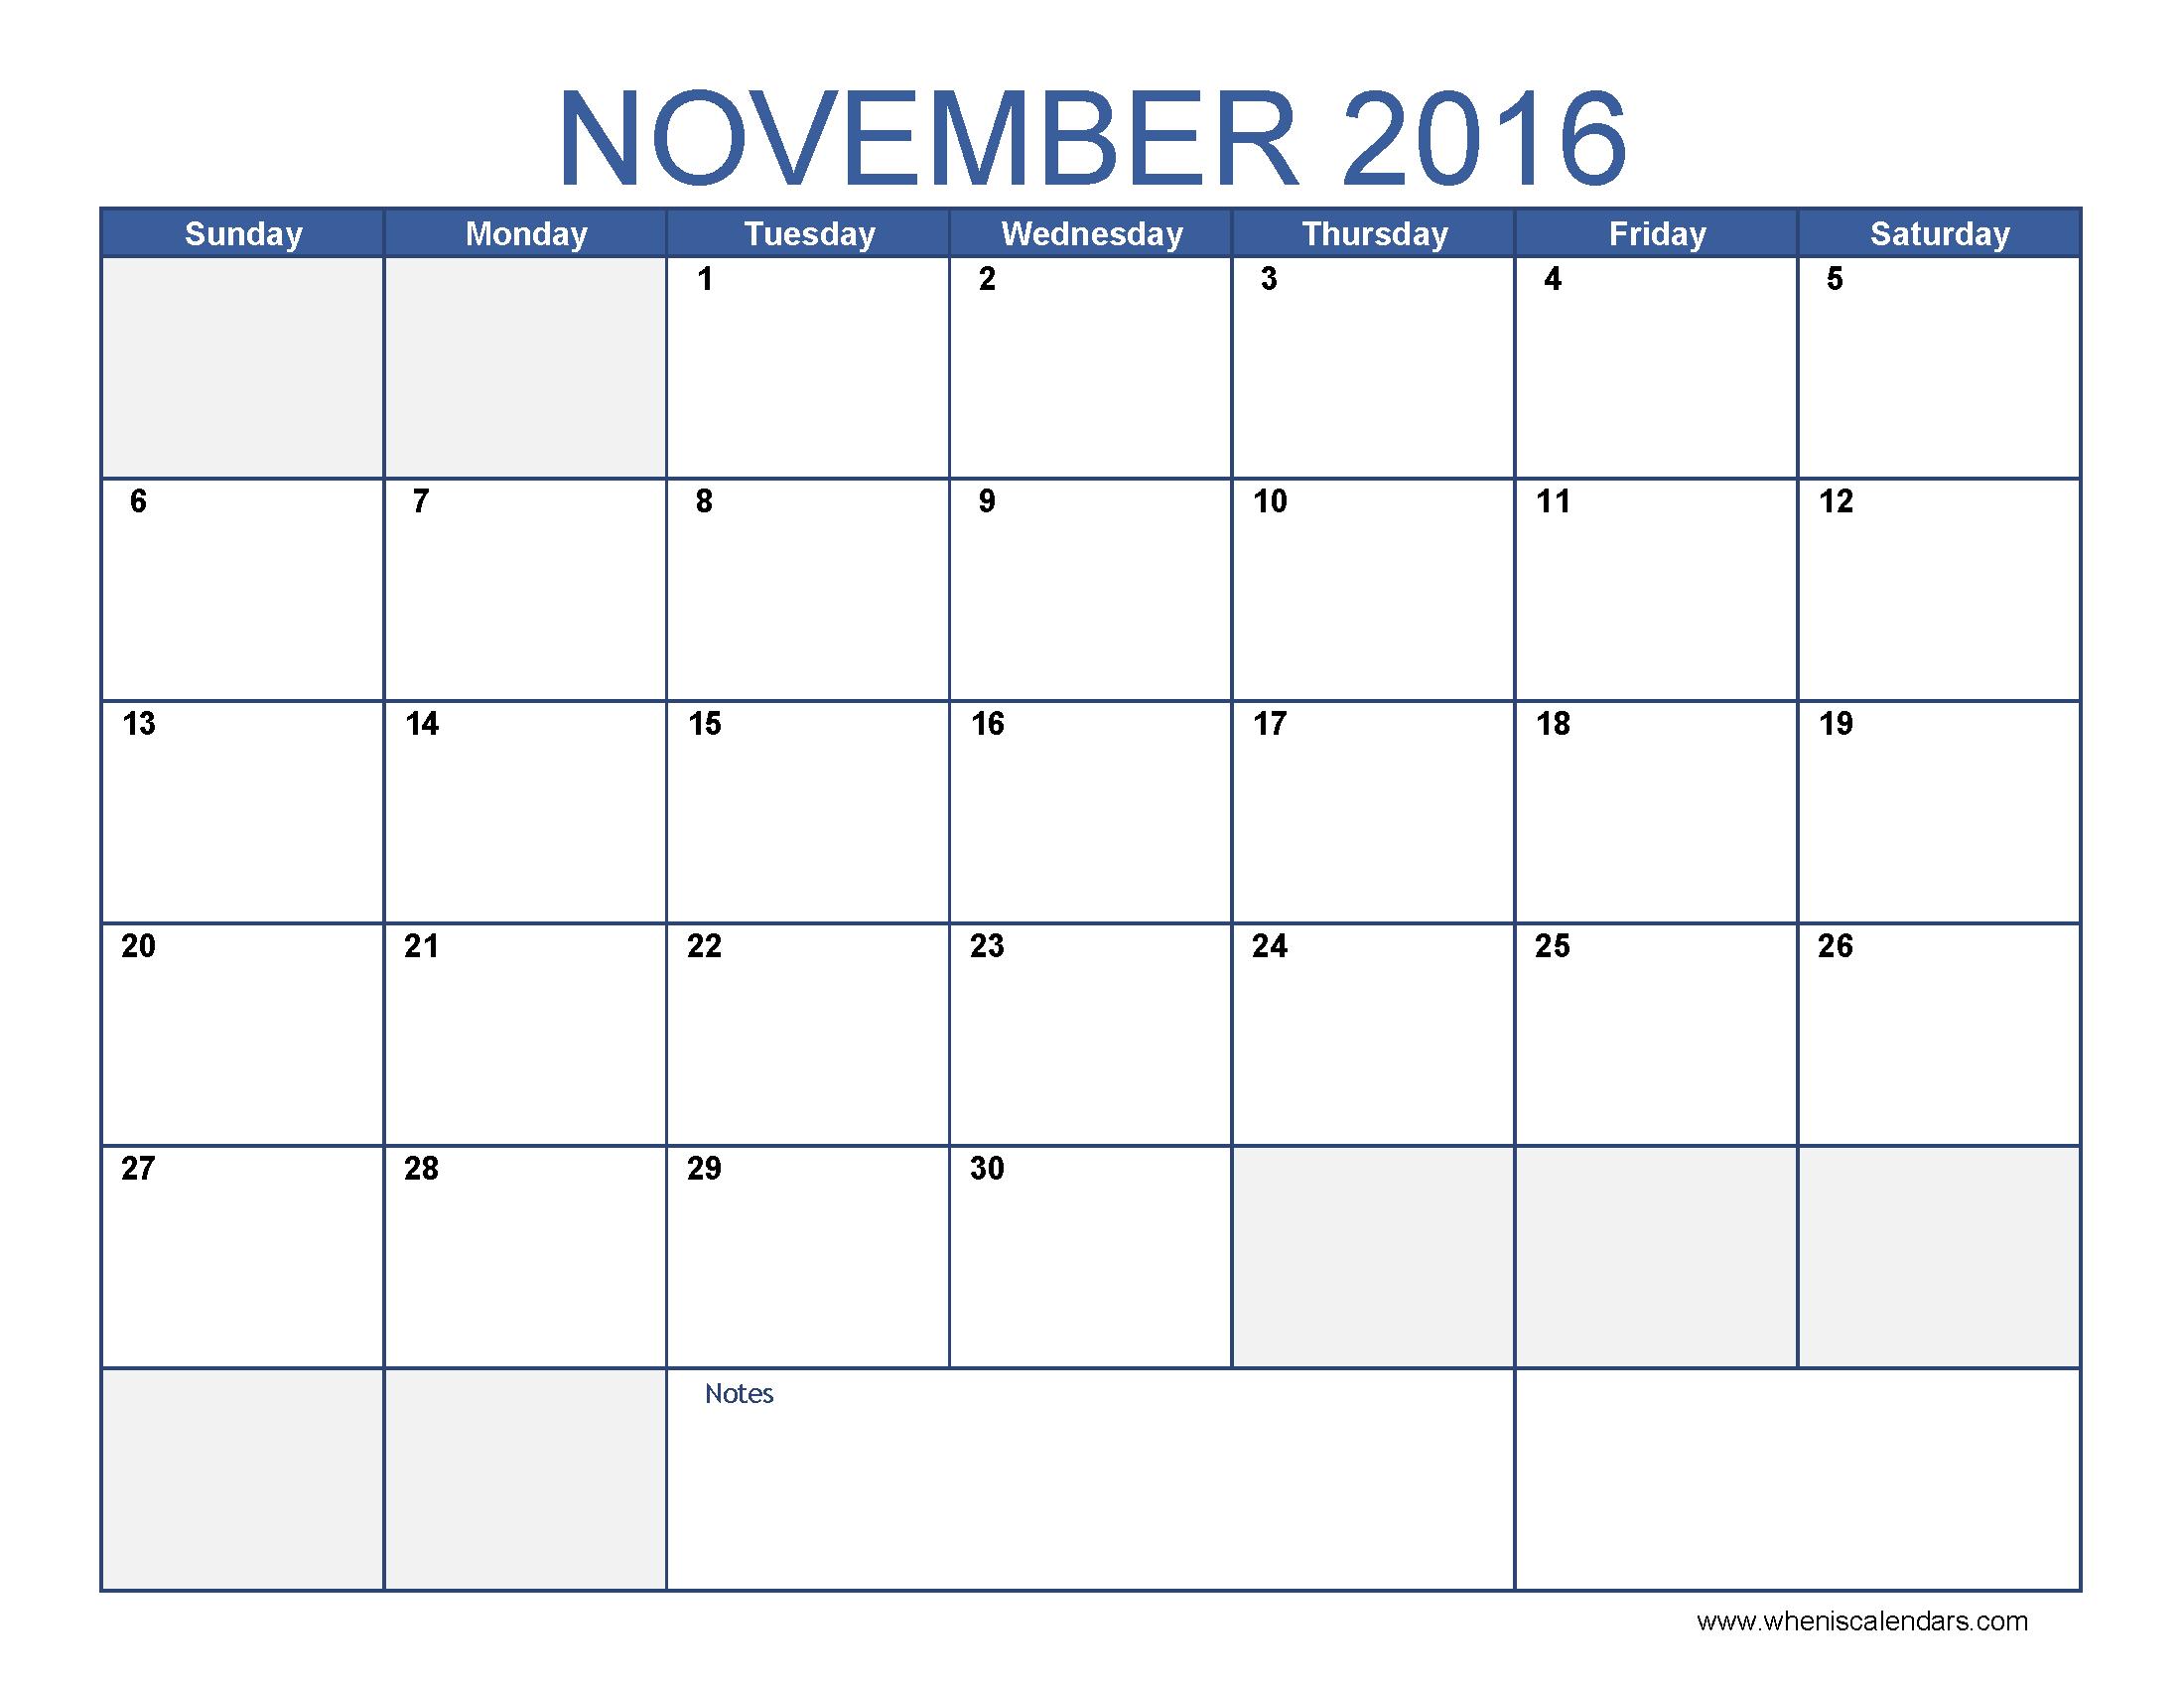 November Calendar 2016 Printable Pdf : November calendar with holidays usa singapore uk canada